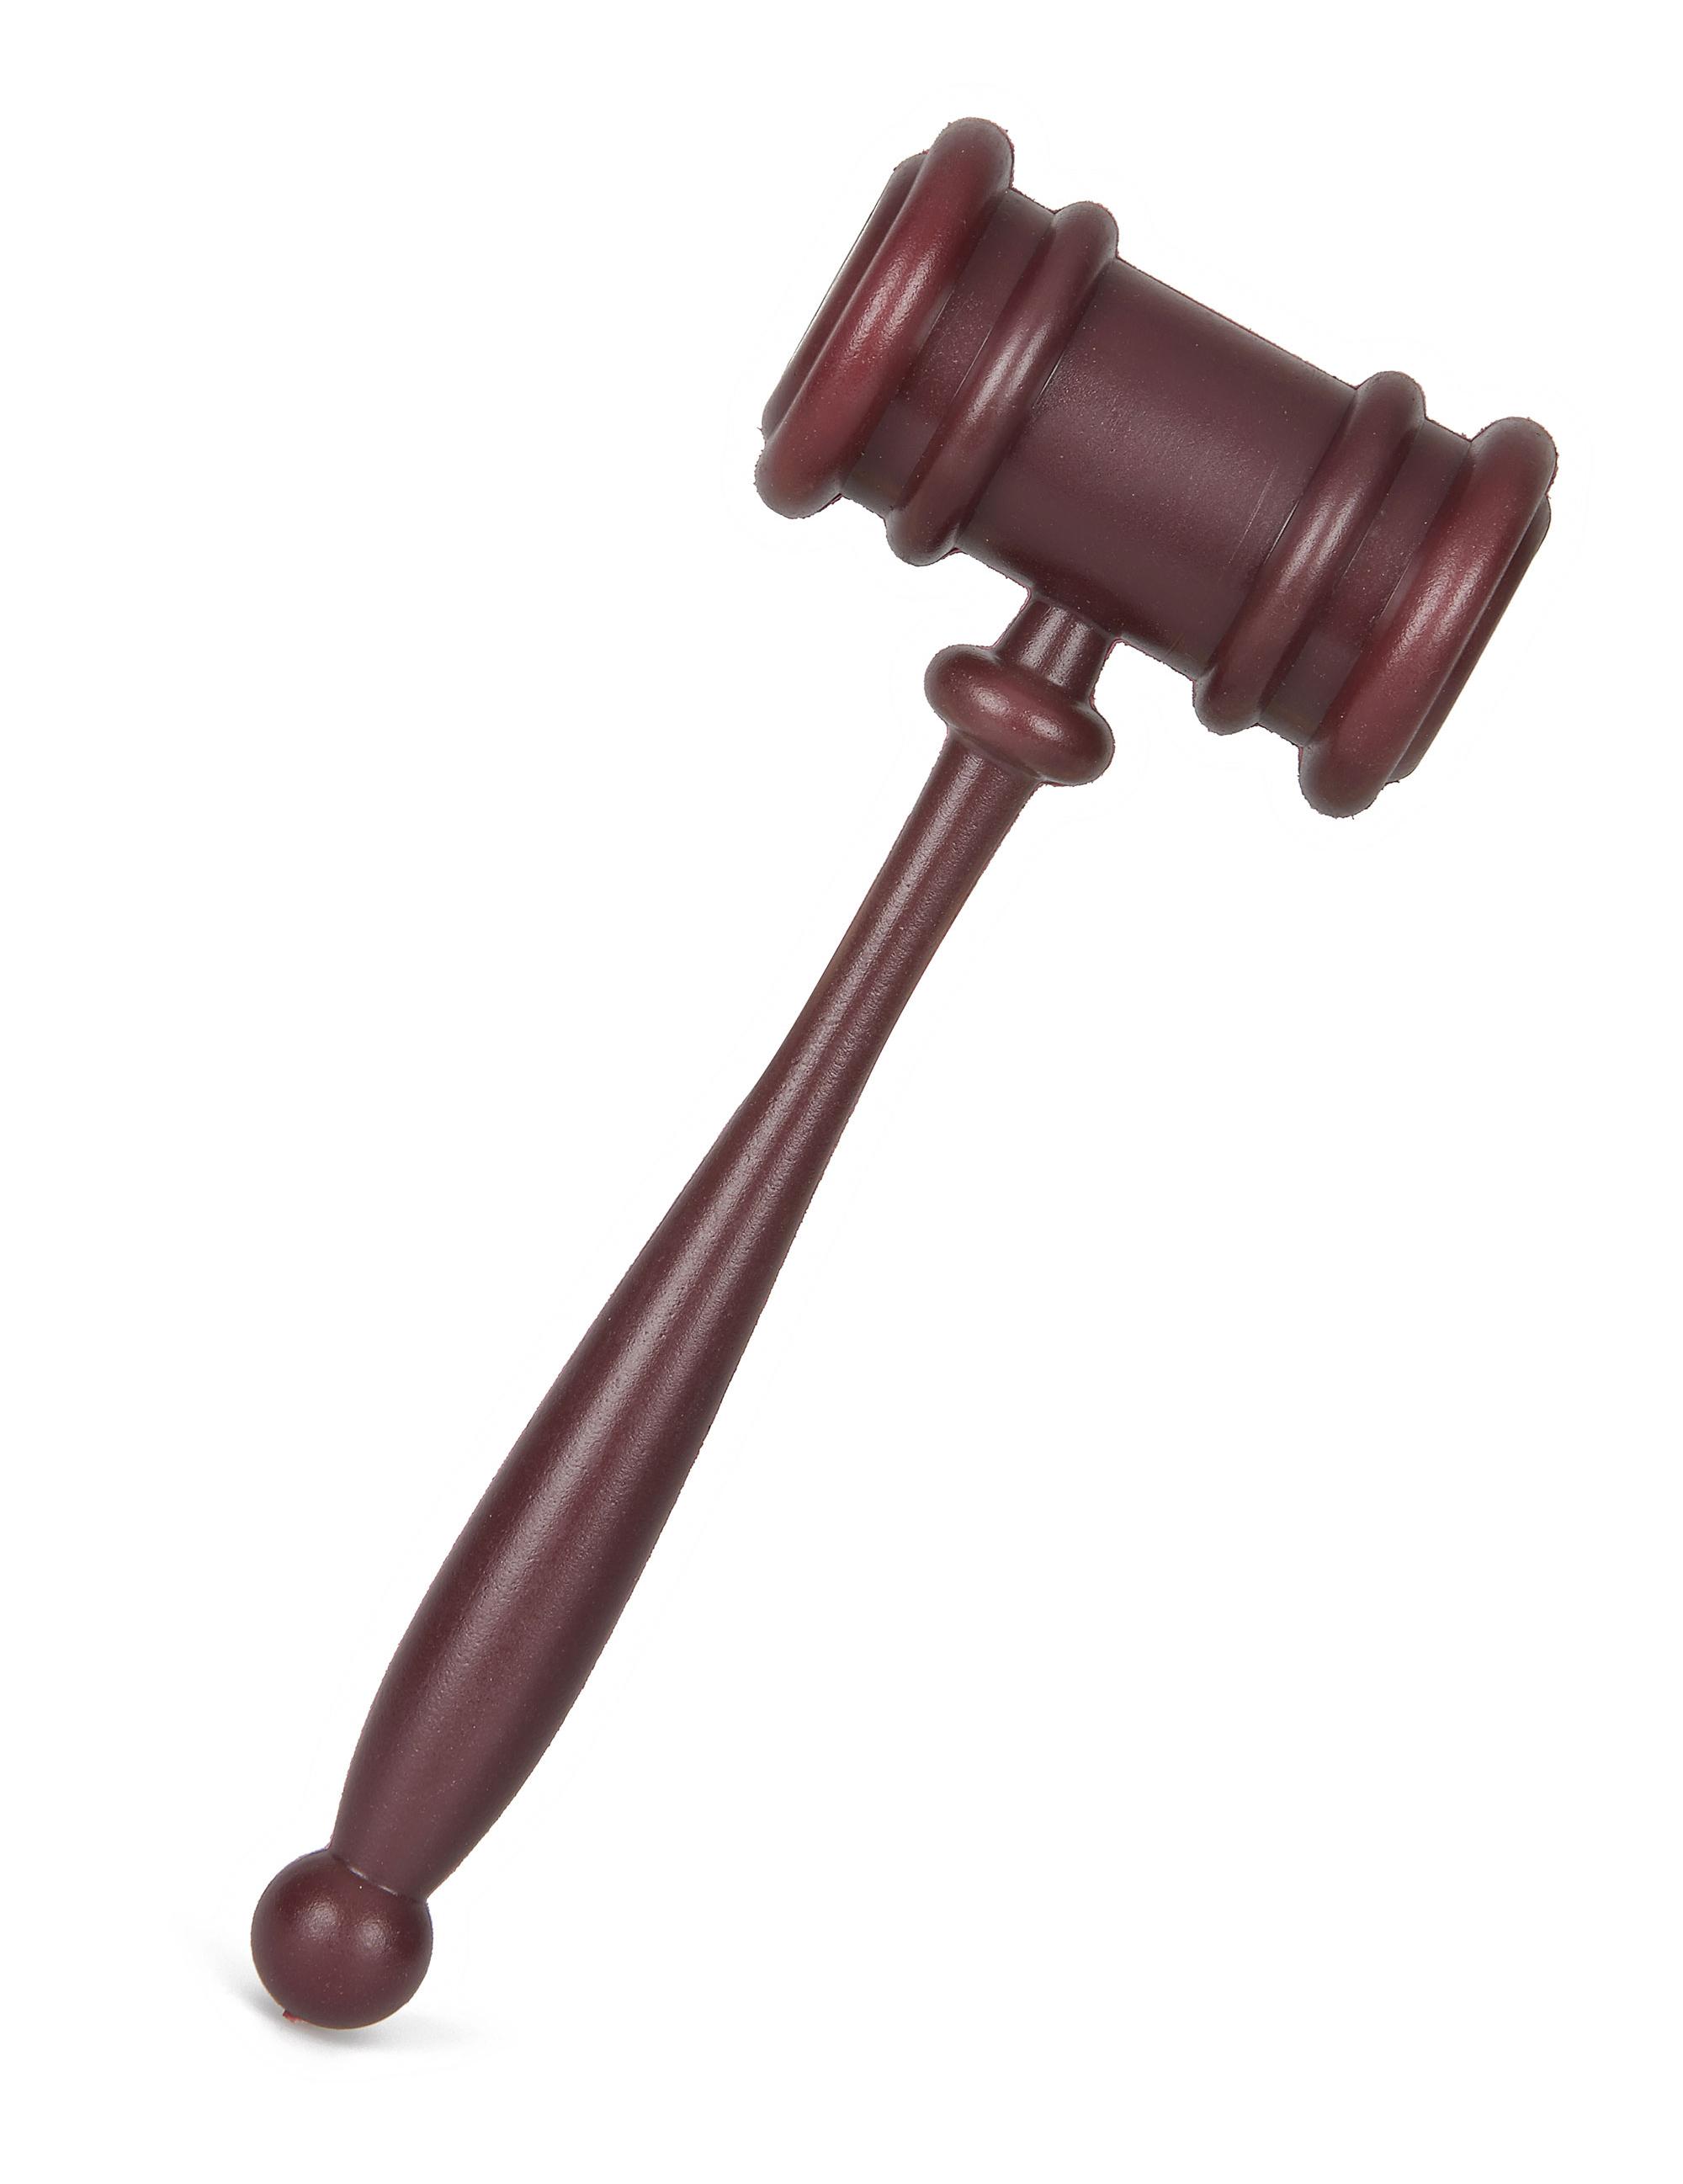 Richter-Hammer: Accessoires,und günstige Faschingskostüme